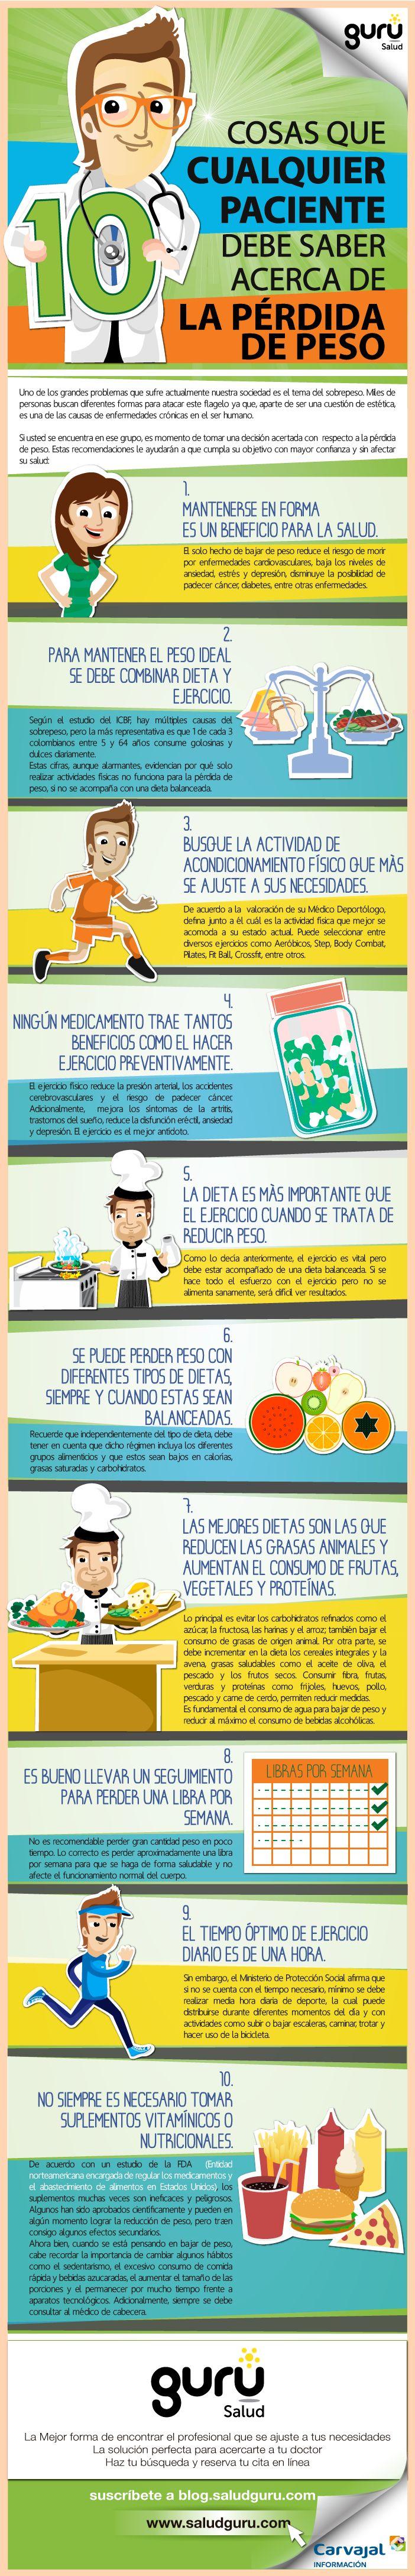 #Infografia con 10 consejos prácticos sobre perder peso